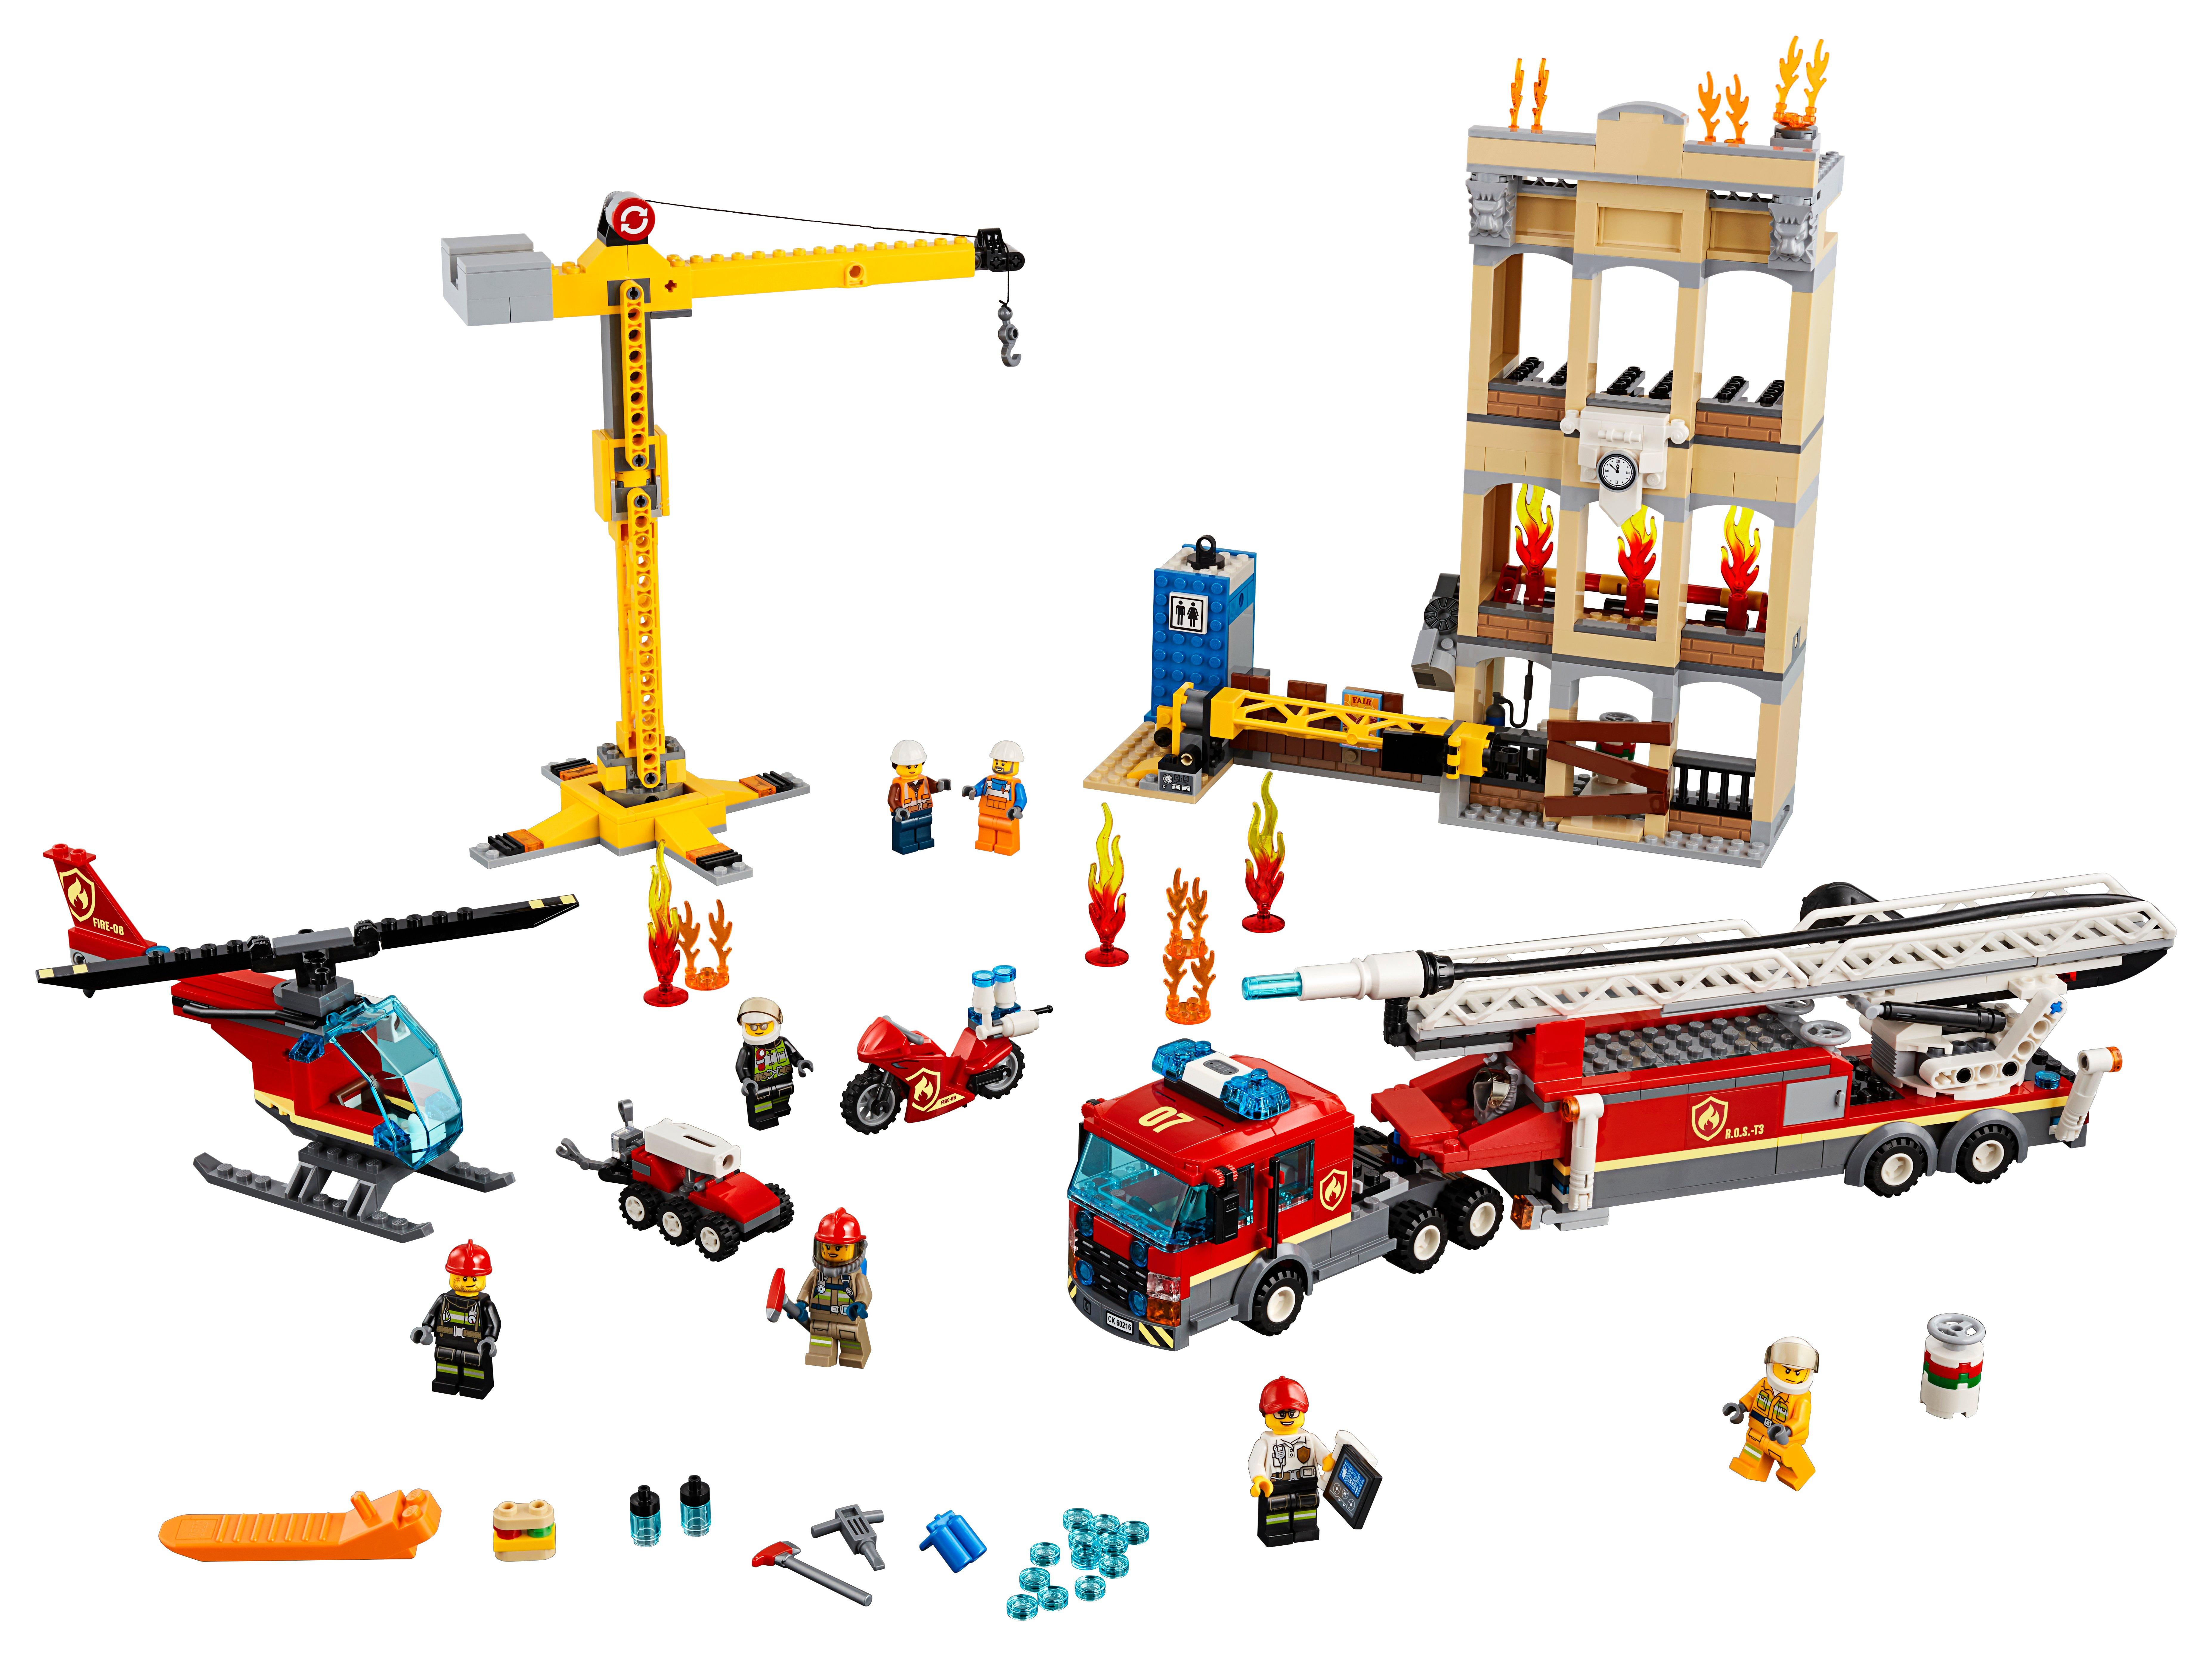 LEGO City - Downtown Fire Brigade (60216)